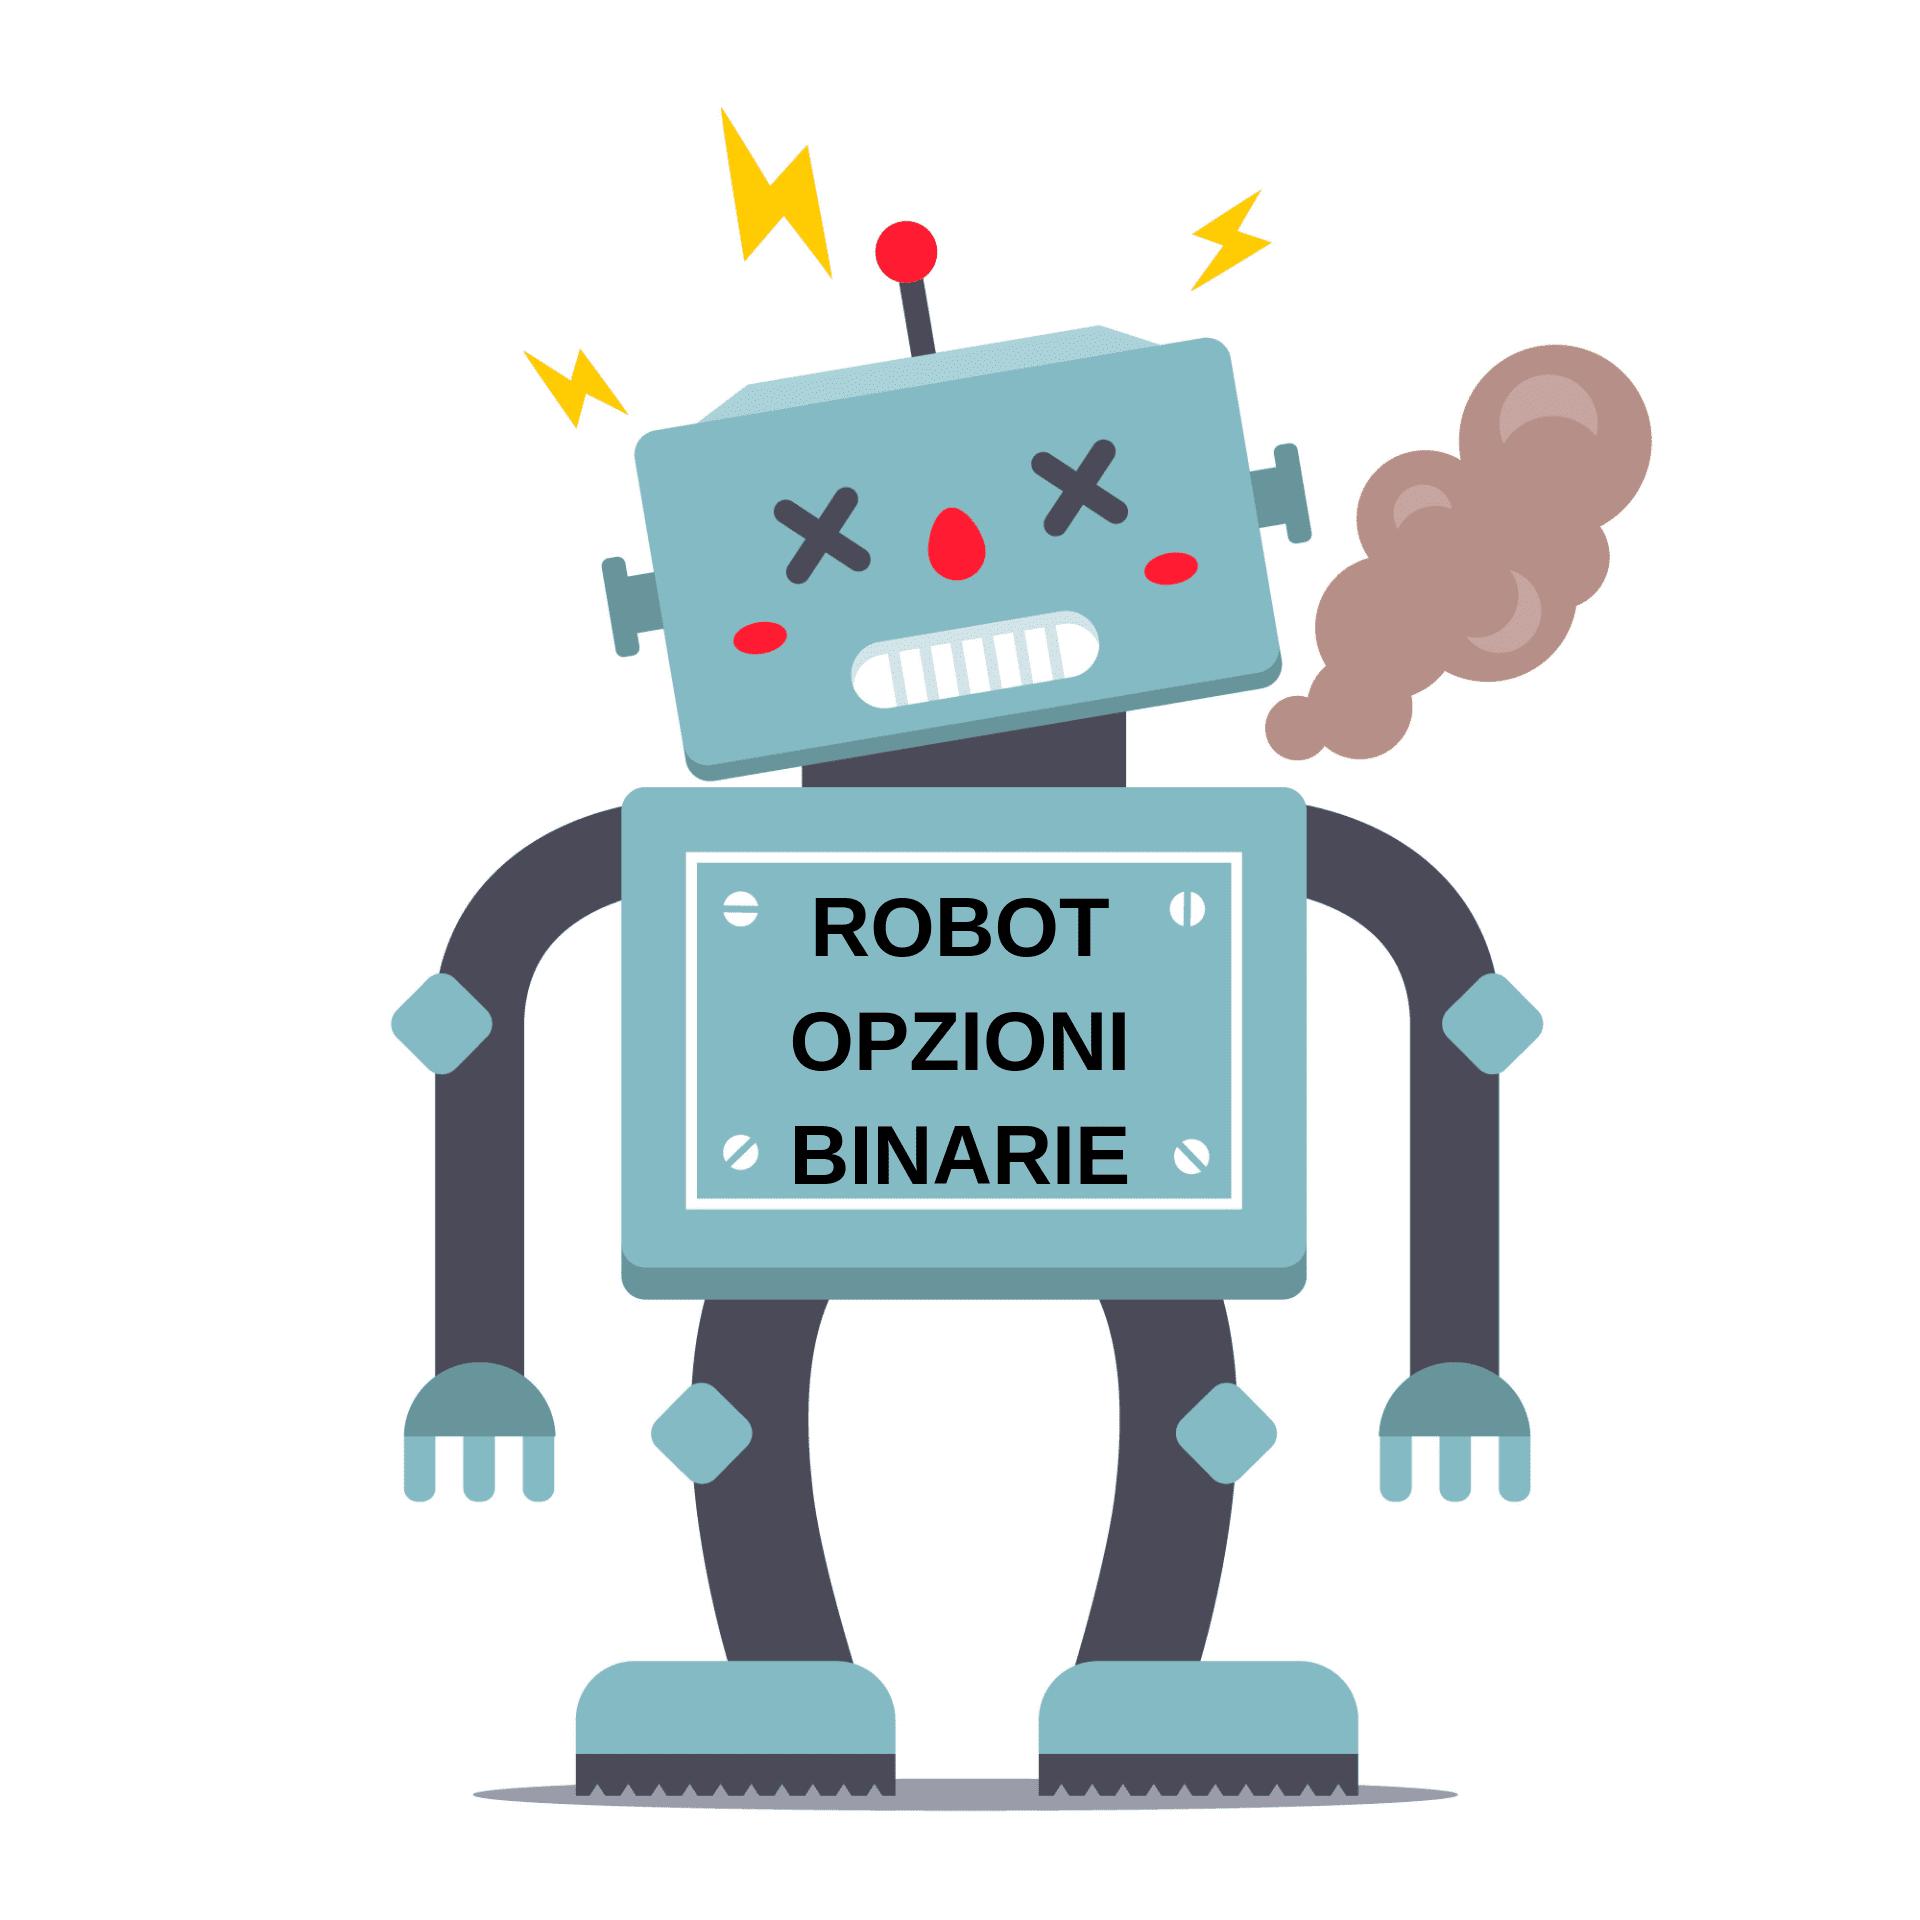 ▷ Migliori Robot Trading Forex automatico opinioni e recensioni [] - Trading Online